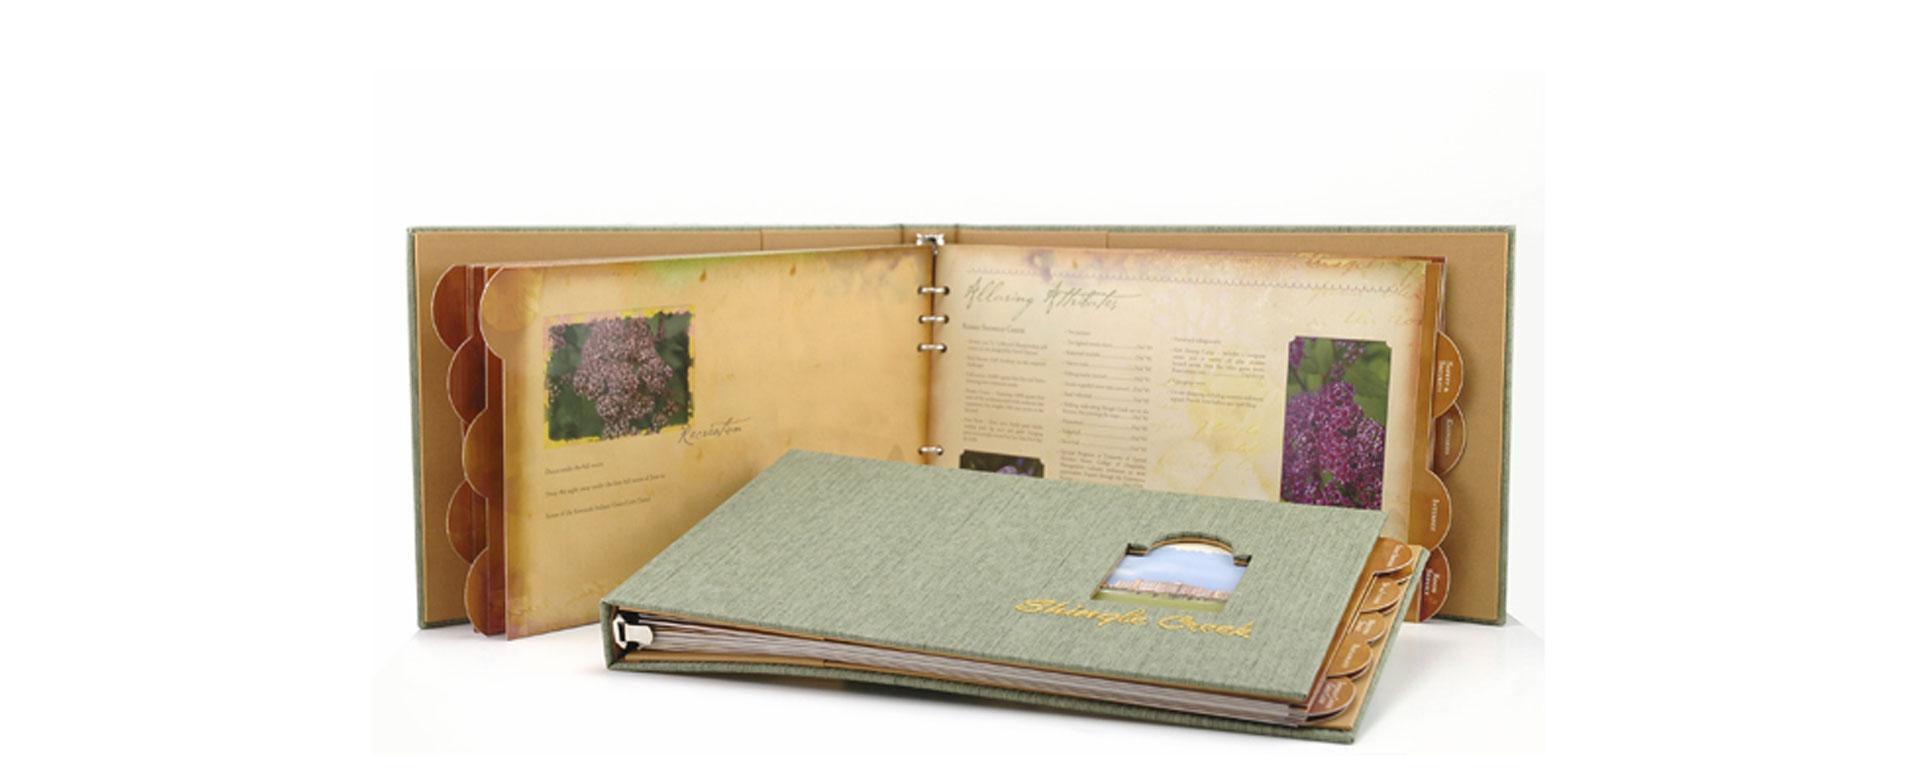 In-Room Compendium